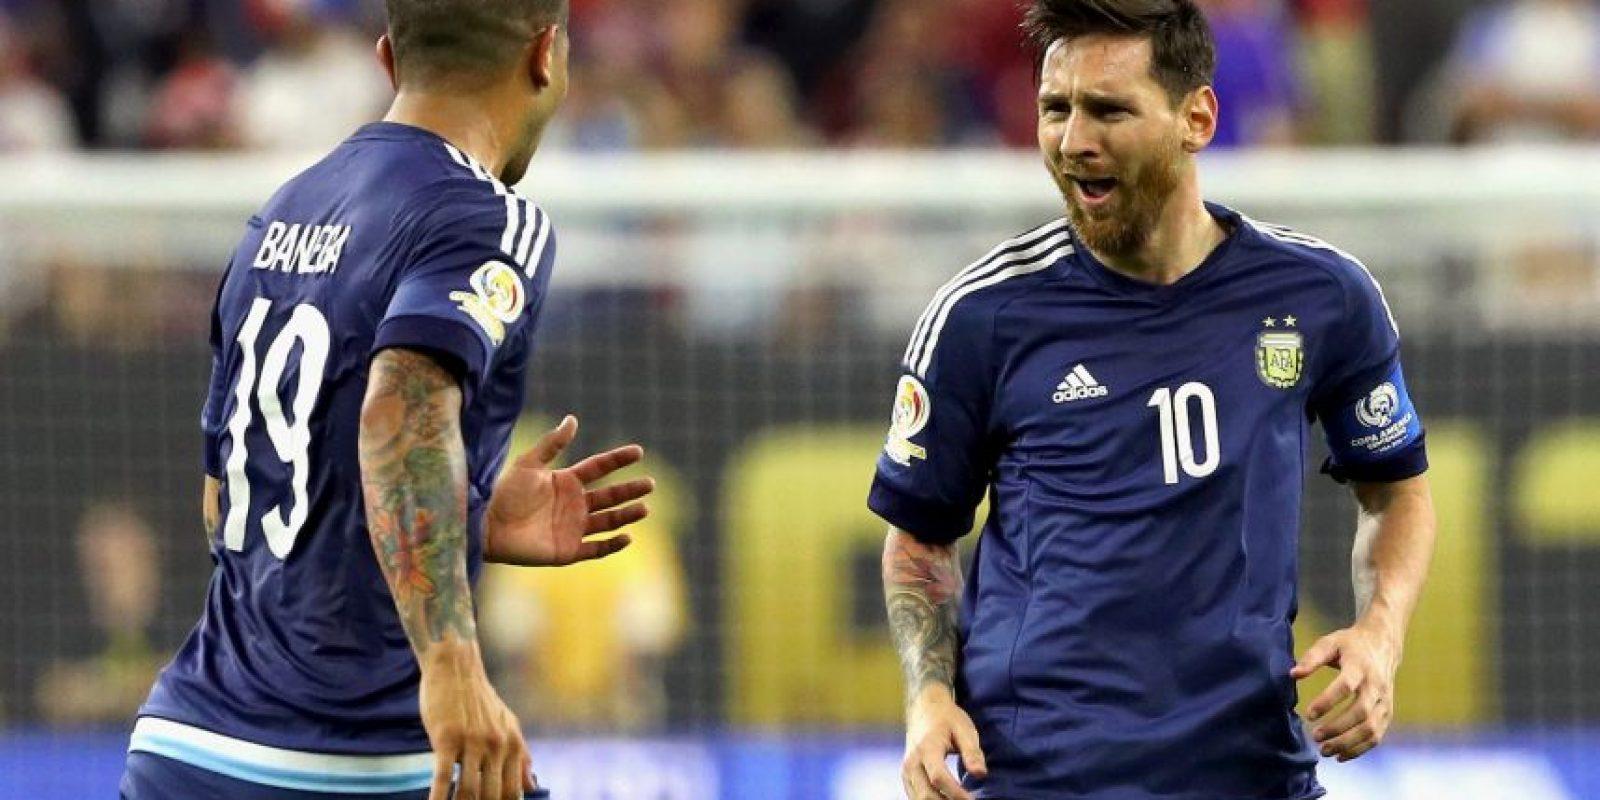 Argentina llega a la final tras vencer a Estados Unidos por 4 a 0 en la semifinal Foto:Getty Images. Imagen Por: